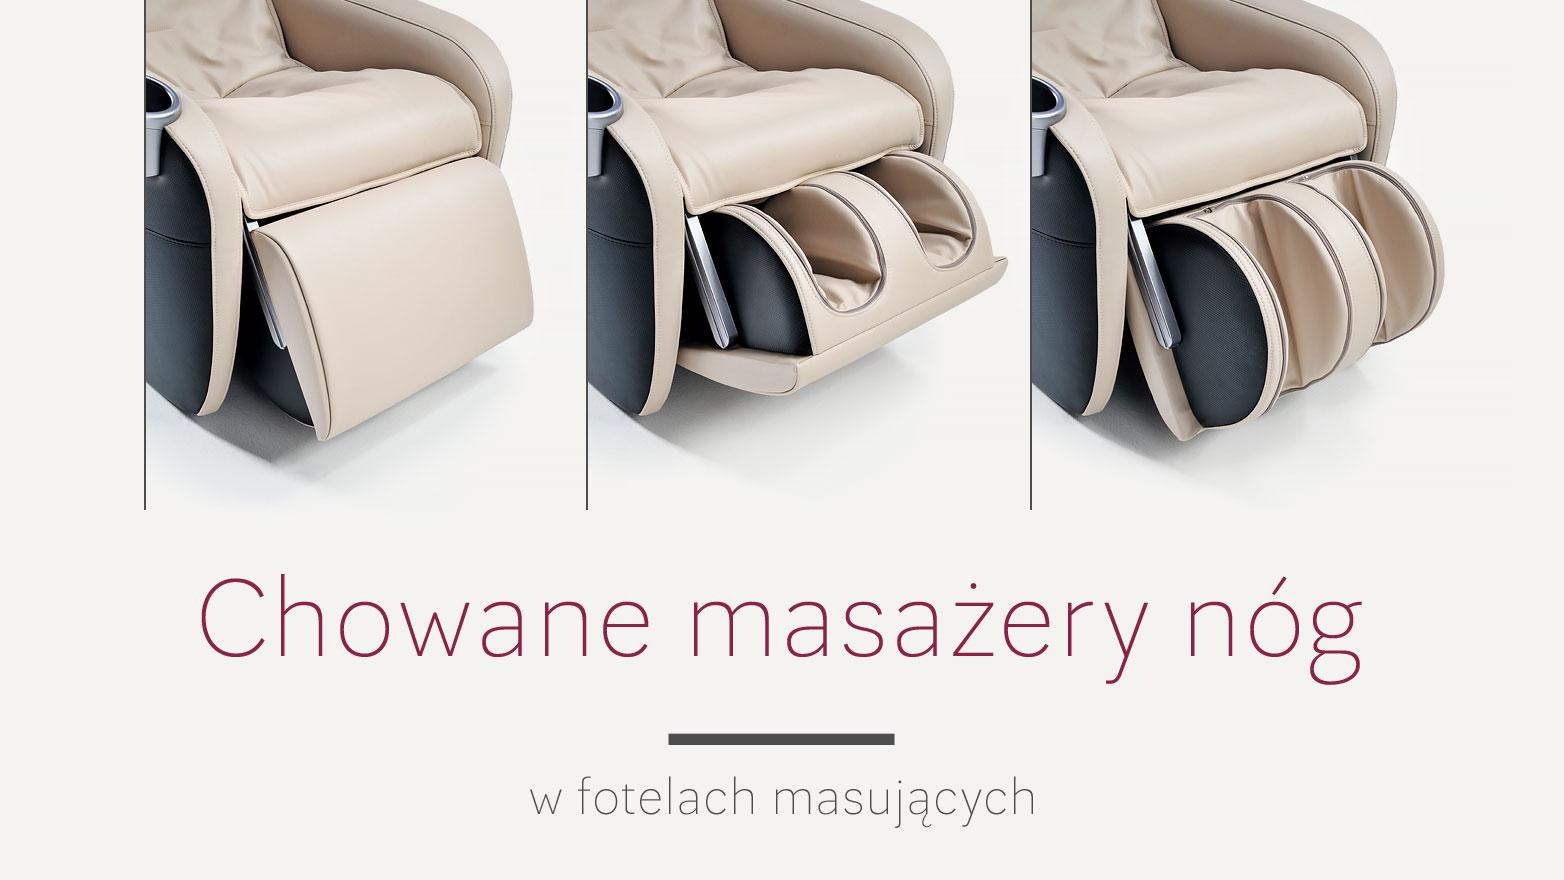 Chowane masażery nóg w fotelach masujących Rest Lords